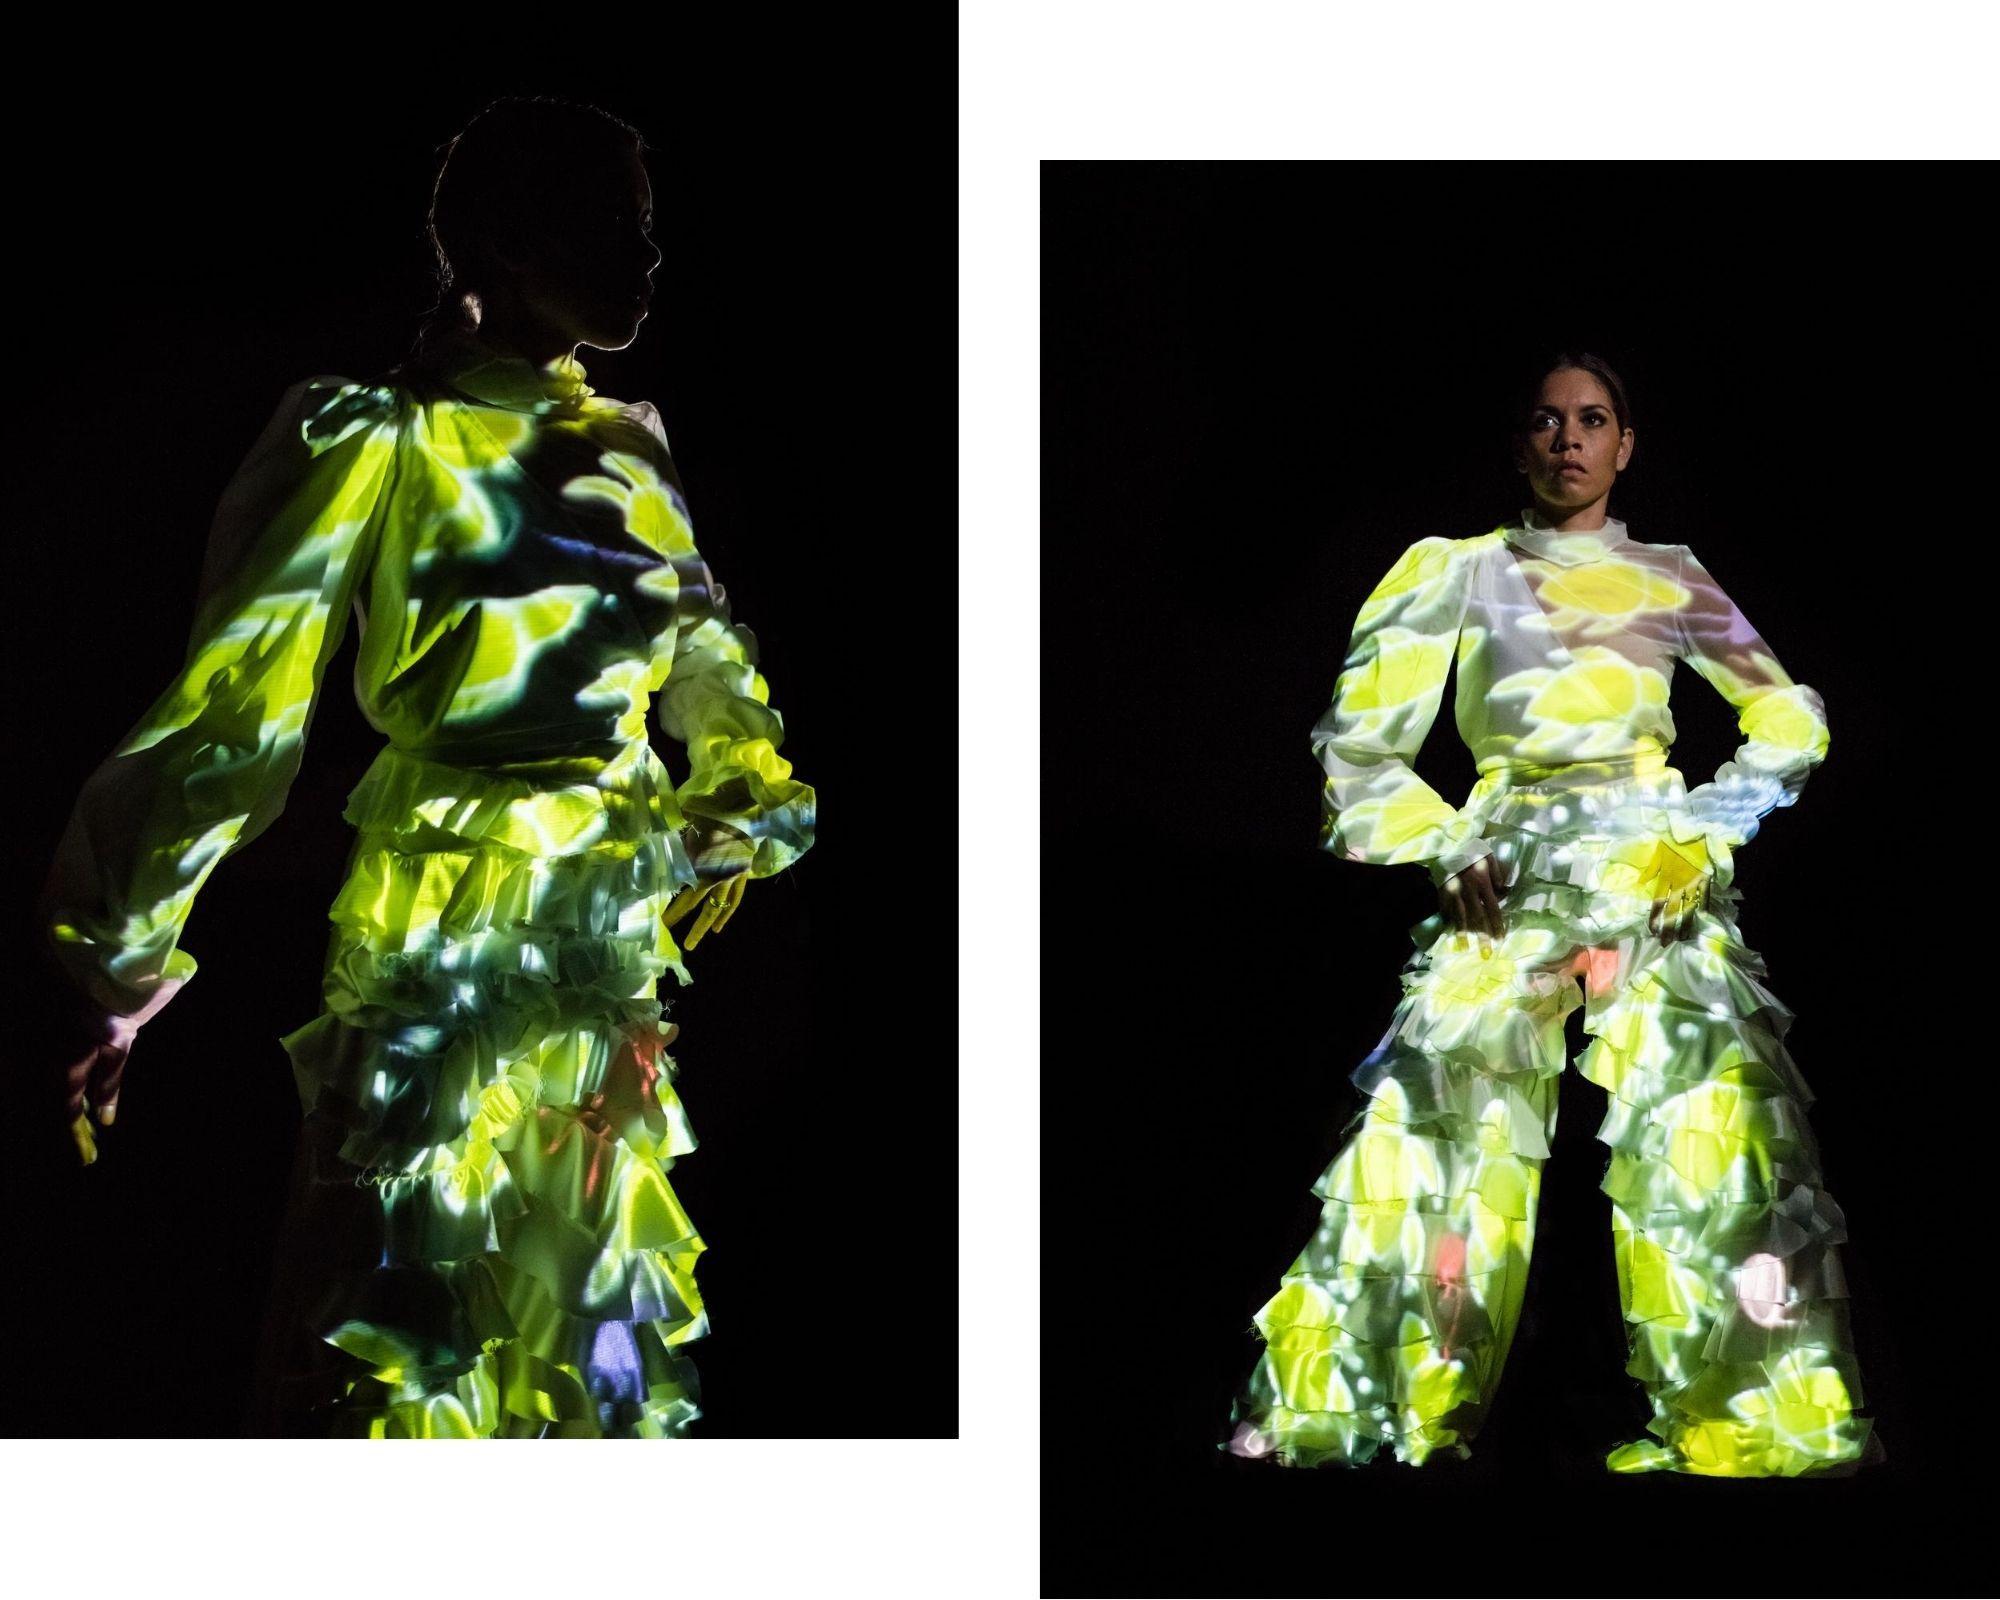 Indigenous fashion designers Hopevale Arts